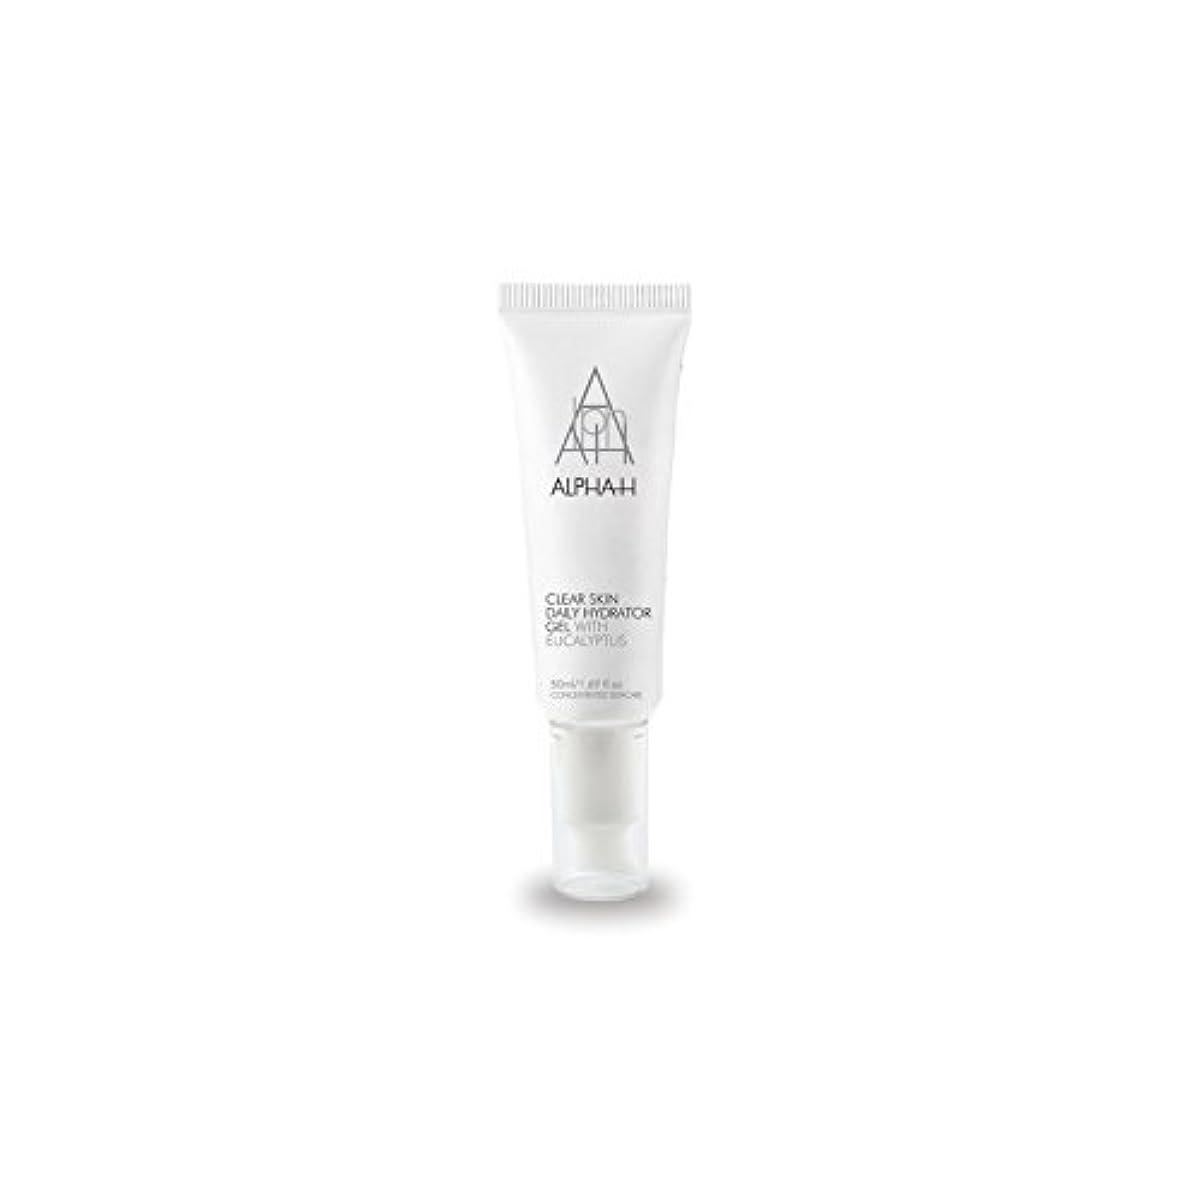 積極的に部分的弾丸アルファクリア皮膚毎日ハイドレーターゲル(50)中 x4 - Alpha-H Clear Skin Daily Hydrator Gel (50ml) (Pack of 4) [並行輸入品]